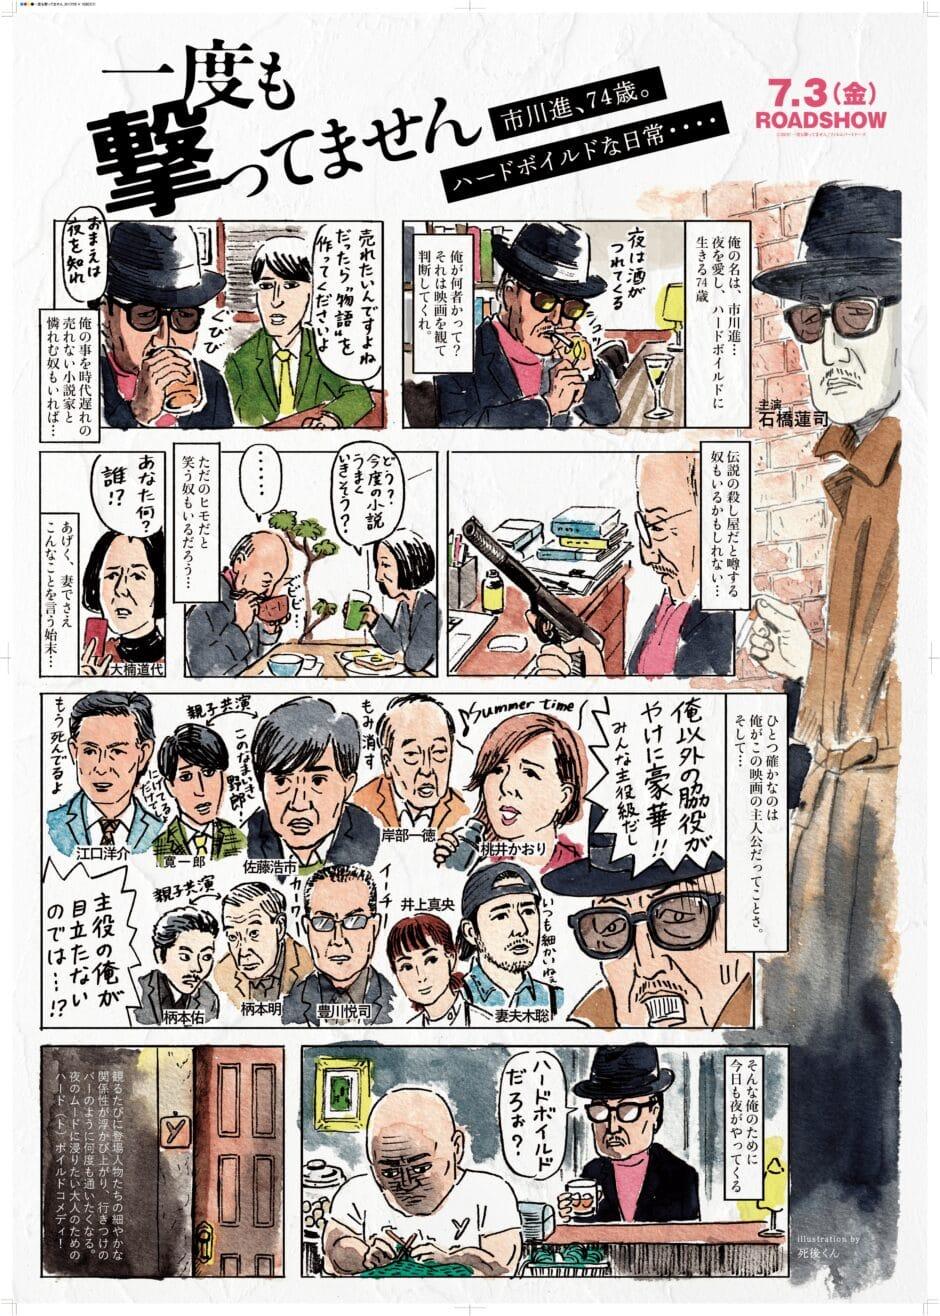 『一度も撃ってません』 ハード・ボイルド日常をマンガに!漫画家「死語くん」のほっこりした世界観